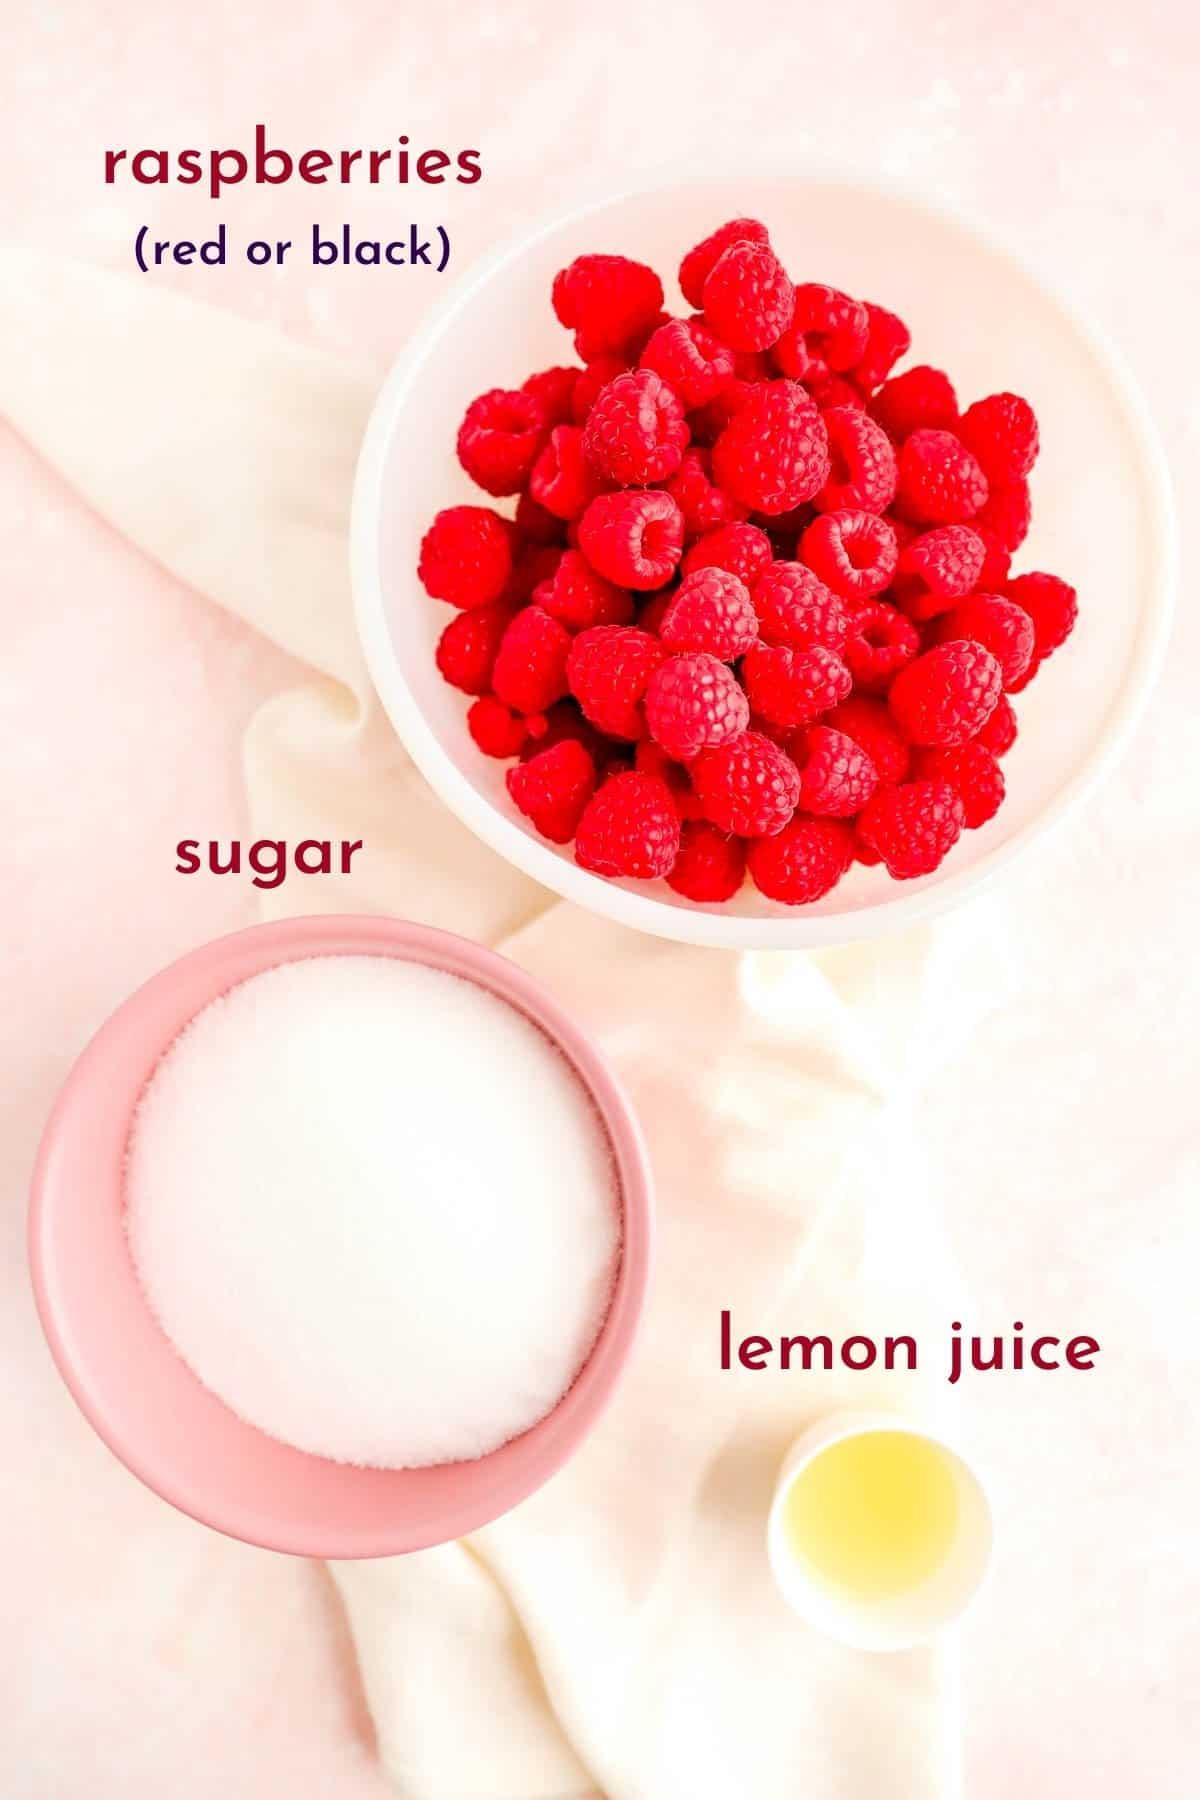 raspberries, sugar and lemon juice in separate bowls